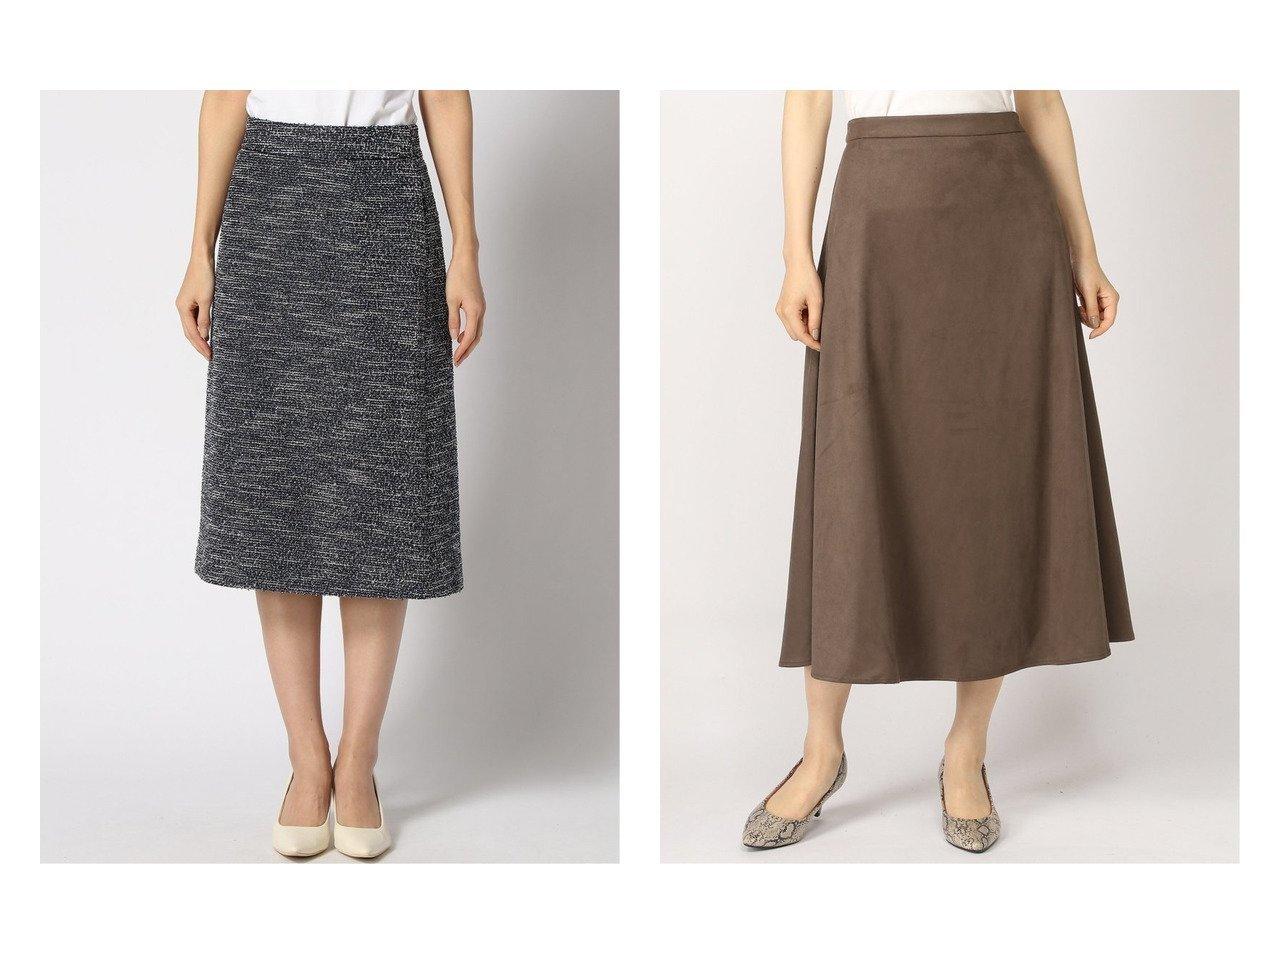 【GLOBAL WORK/グローバルワーク】のアラエルカットツイードSK&エコスエードセミフレアスカート スカートのおすすめ!人気トレンド・レディースファッションの通販 おすすめで人気の流行・トレンド、ファッションの通販商品 メンズファッション・キッズファッション・インテリア・家具・レディースファッション・服の通販 founy(ファニー) https://founy.com/ ファッション Fashion レディースファッション WOMEN スカート Skirt Aライン/フレアスカート Flared A-Line Skirts ジャケット ストレッチ セットアップ ツイード ミックス スエード フレア |ID:crp329100000008982